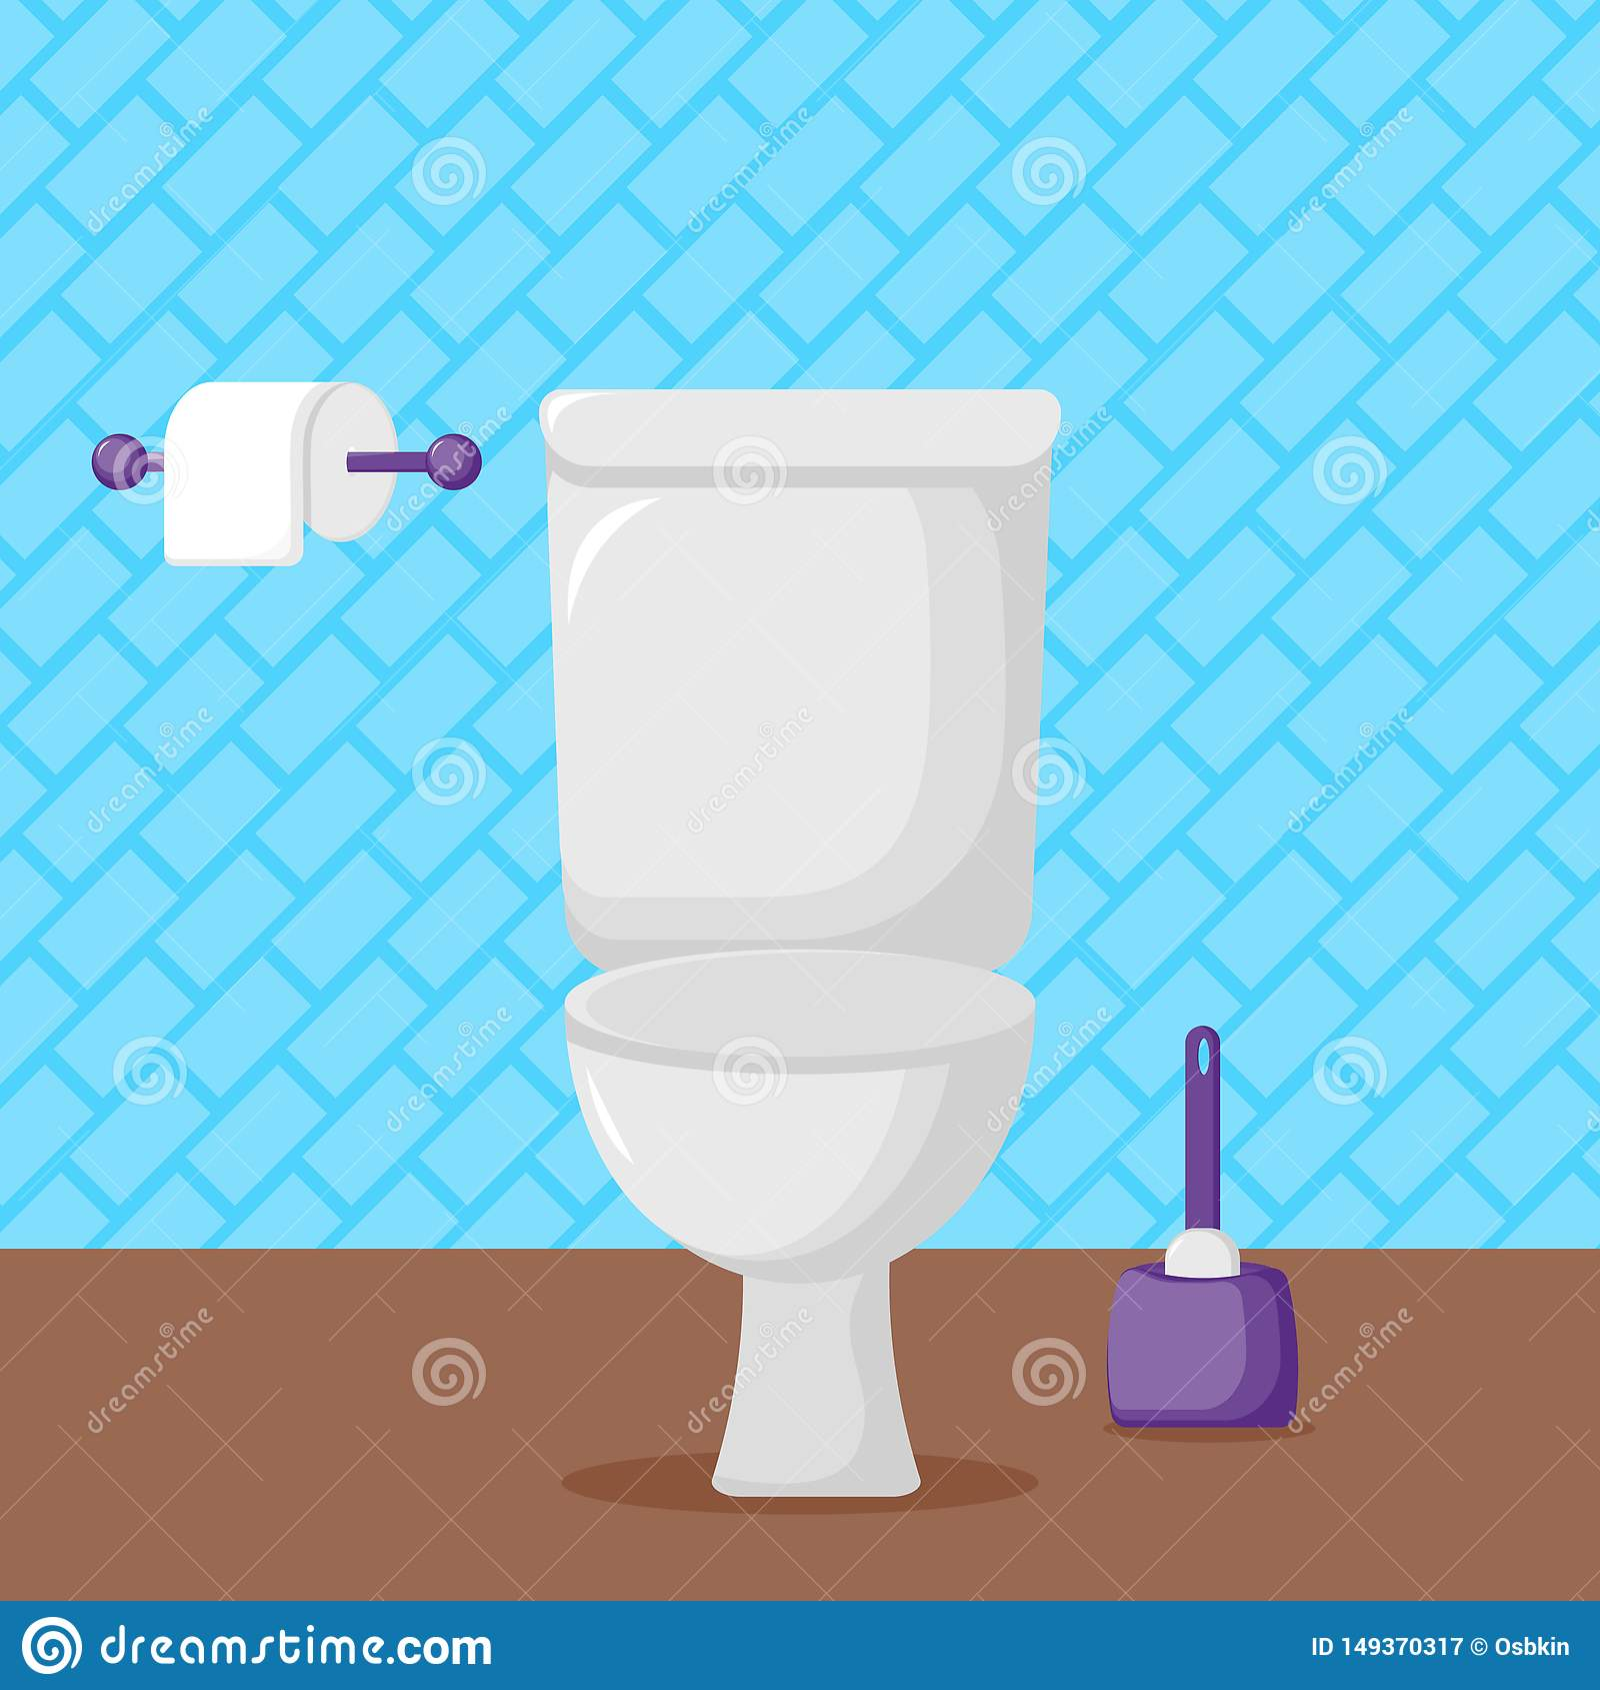 白色陶瓷洗手间、手纸和刷子